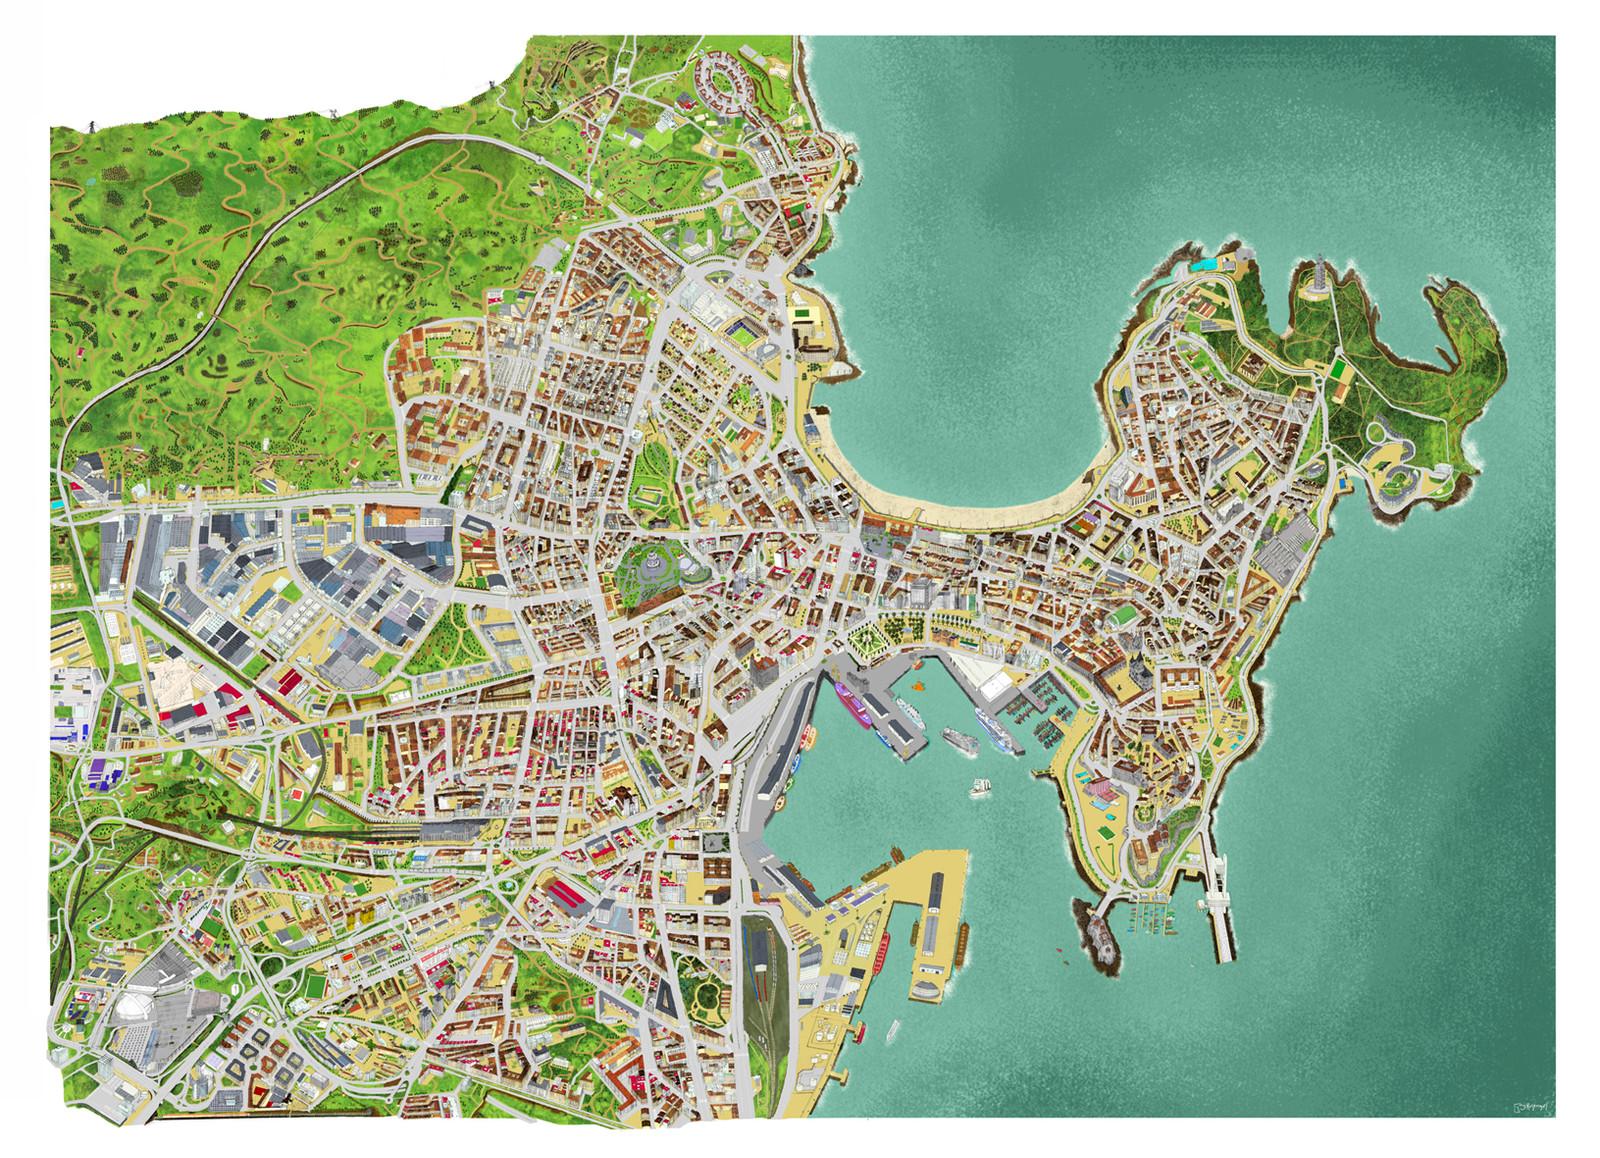 A Coruña Mapa Turistico.Touristic Map Of La Coruna Spain Mapa Turistico De La